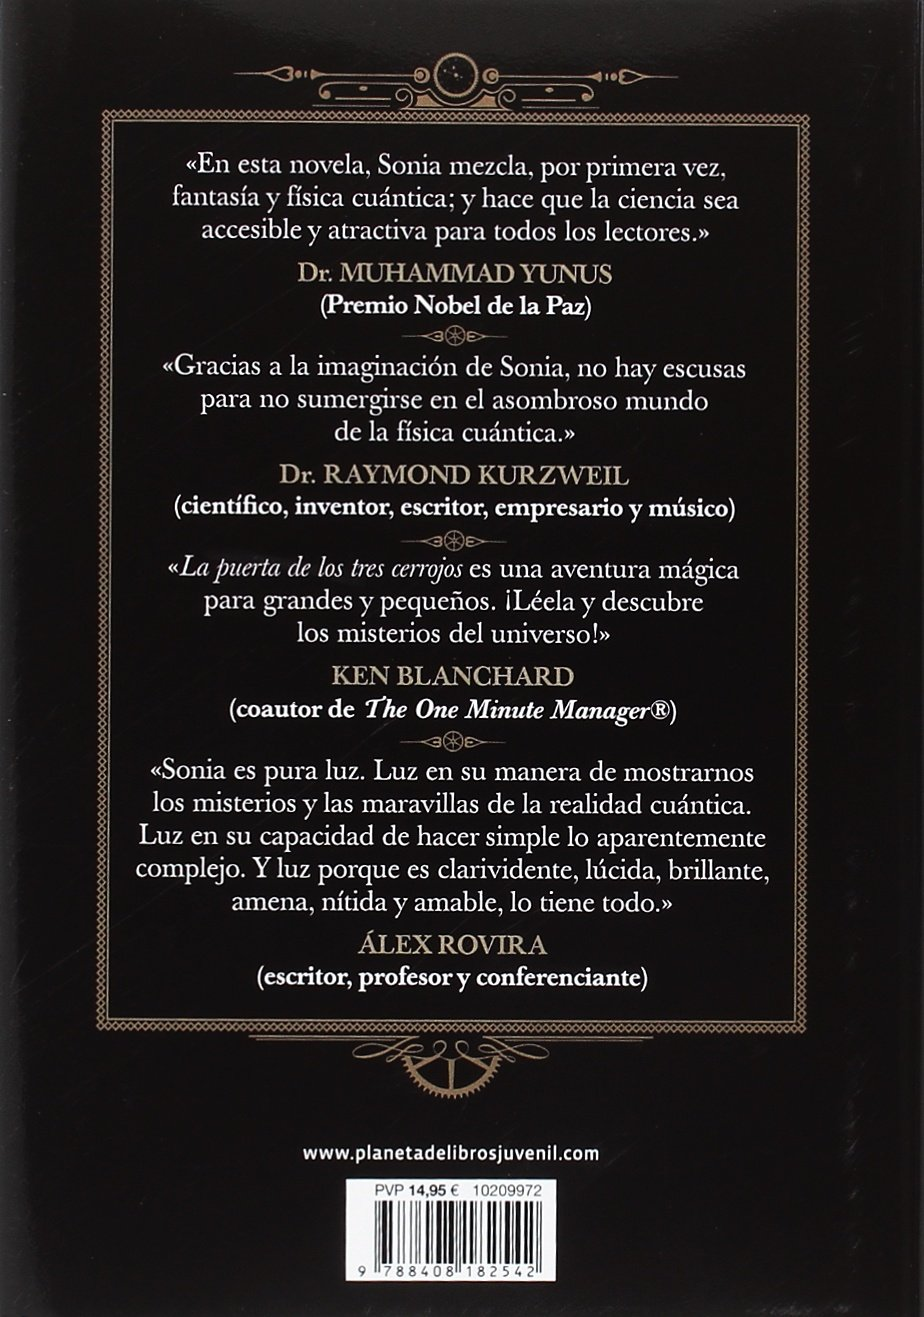 La puerta de los tres cerrojos: 7: Amazon.es: Sónia Fernández-Vidal: Libros